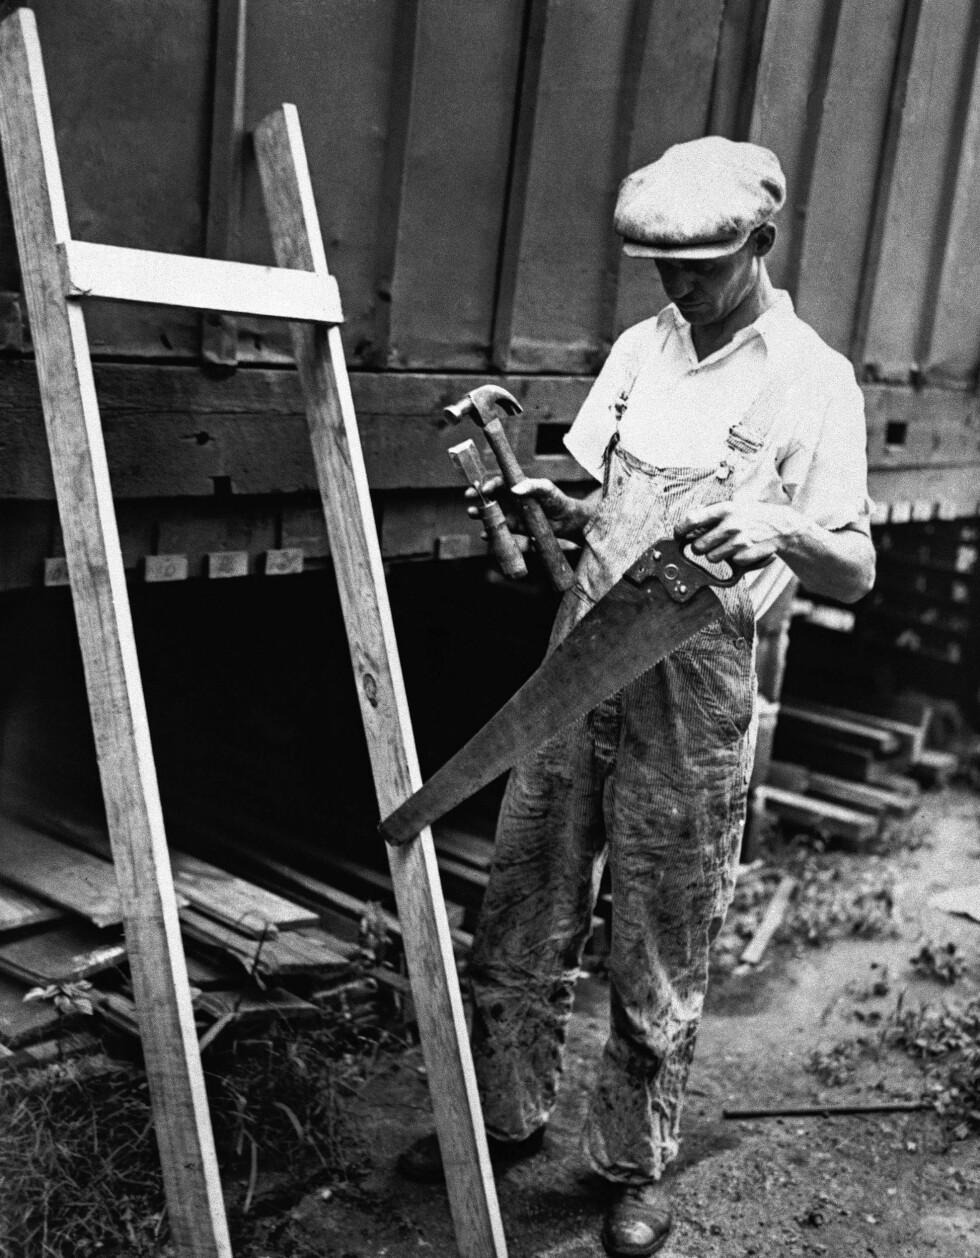 UNDERSØKELSER: Thomas Roulston, en ansatt ved National Millwork and Lumber company i The Bronx viser frem materiale som angivelig var det samme som det stigen som ble brukt under kidnappingen var laget av. Mistenkte Bruno Hauptmann jobbet her. Foto: NTB Scanpix